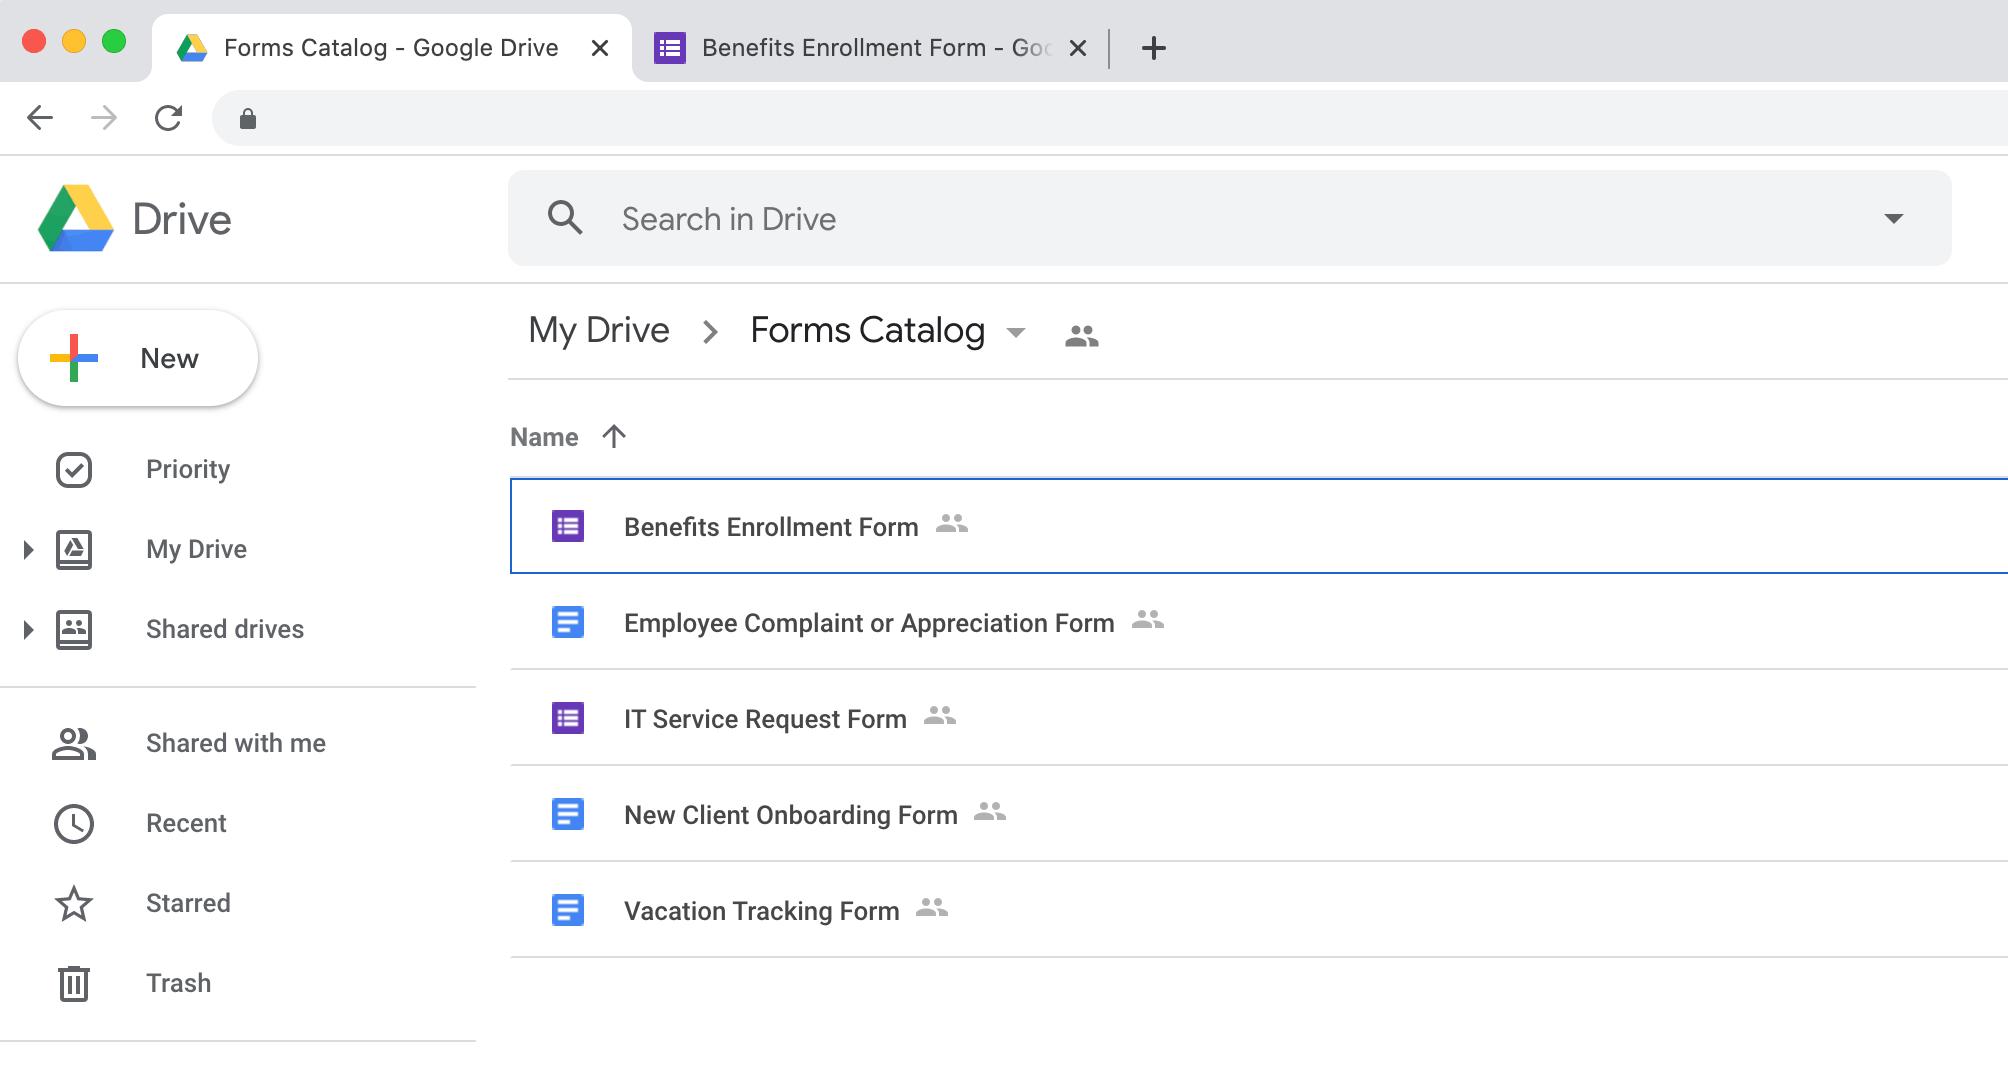 Google Диск открывает новые вкладки для каждого типа документа.